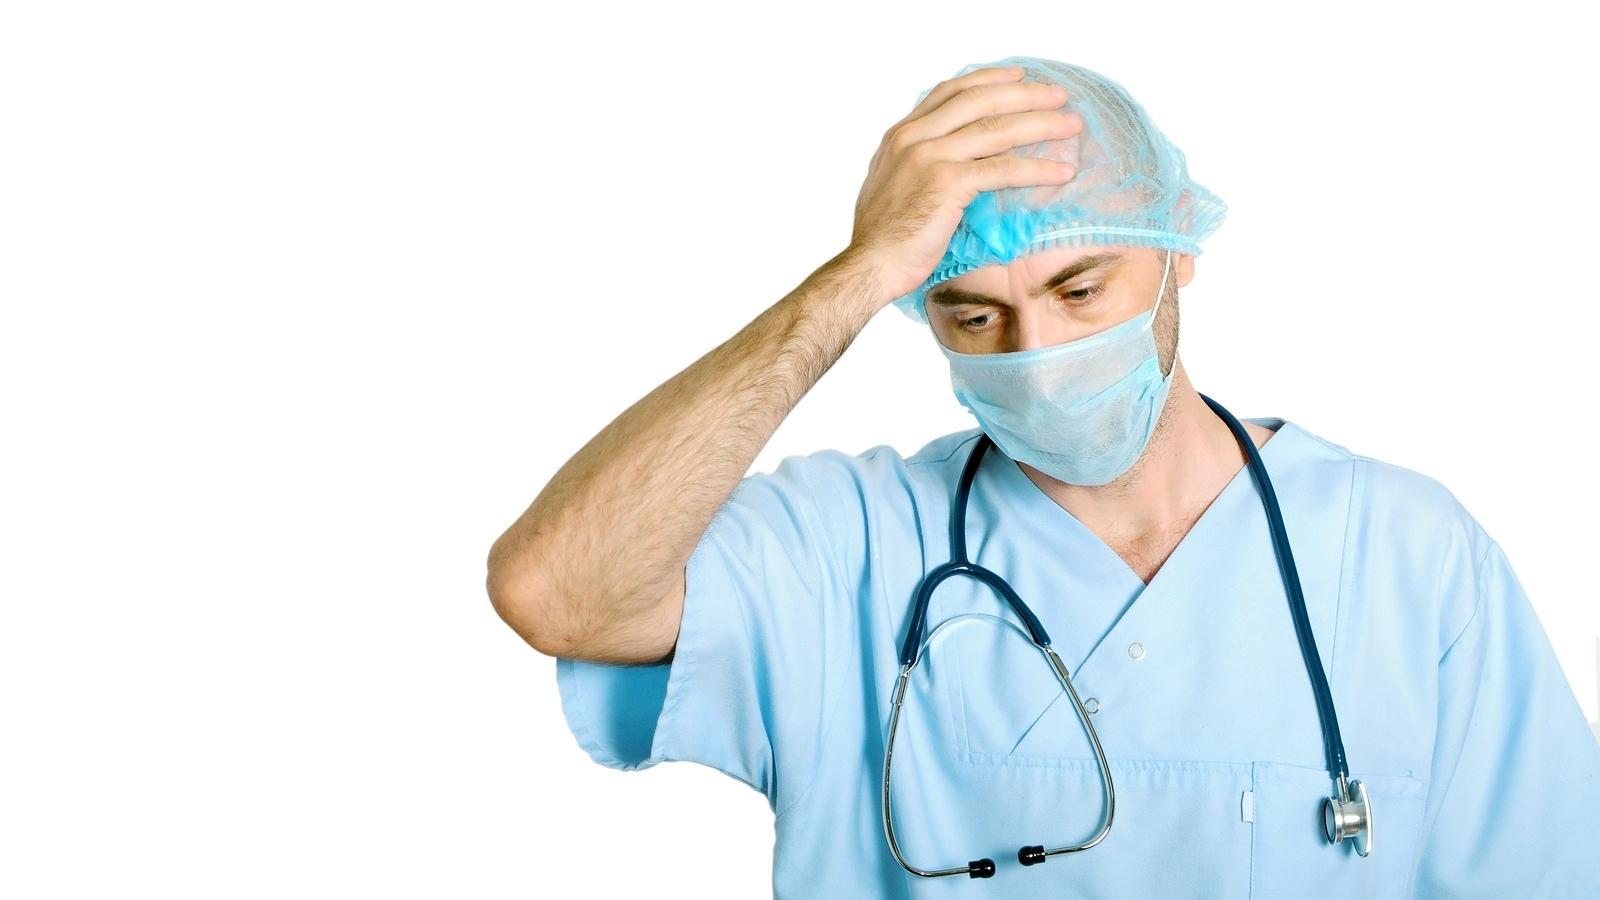 «Увольнение с работы — последний способ защиты врачей. Похоже, других прав у нас не осталось»